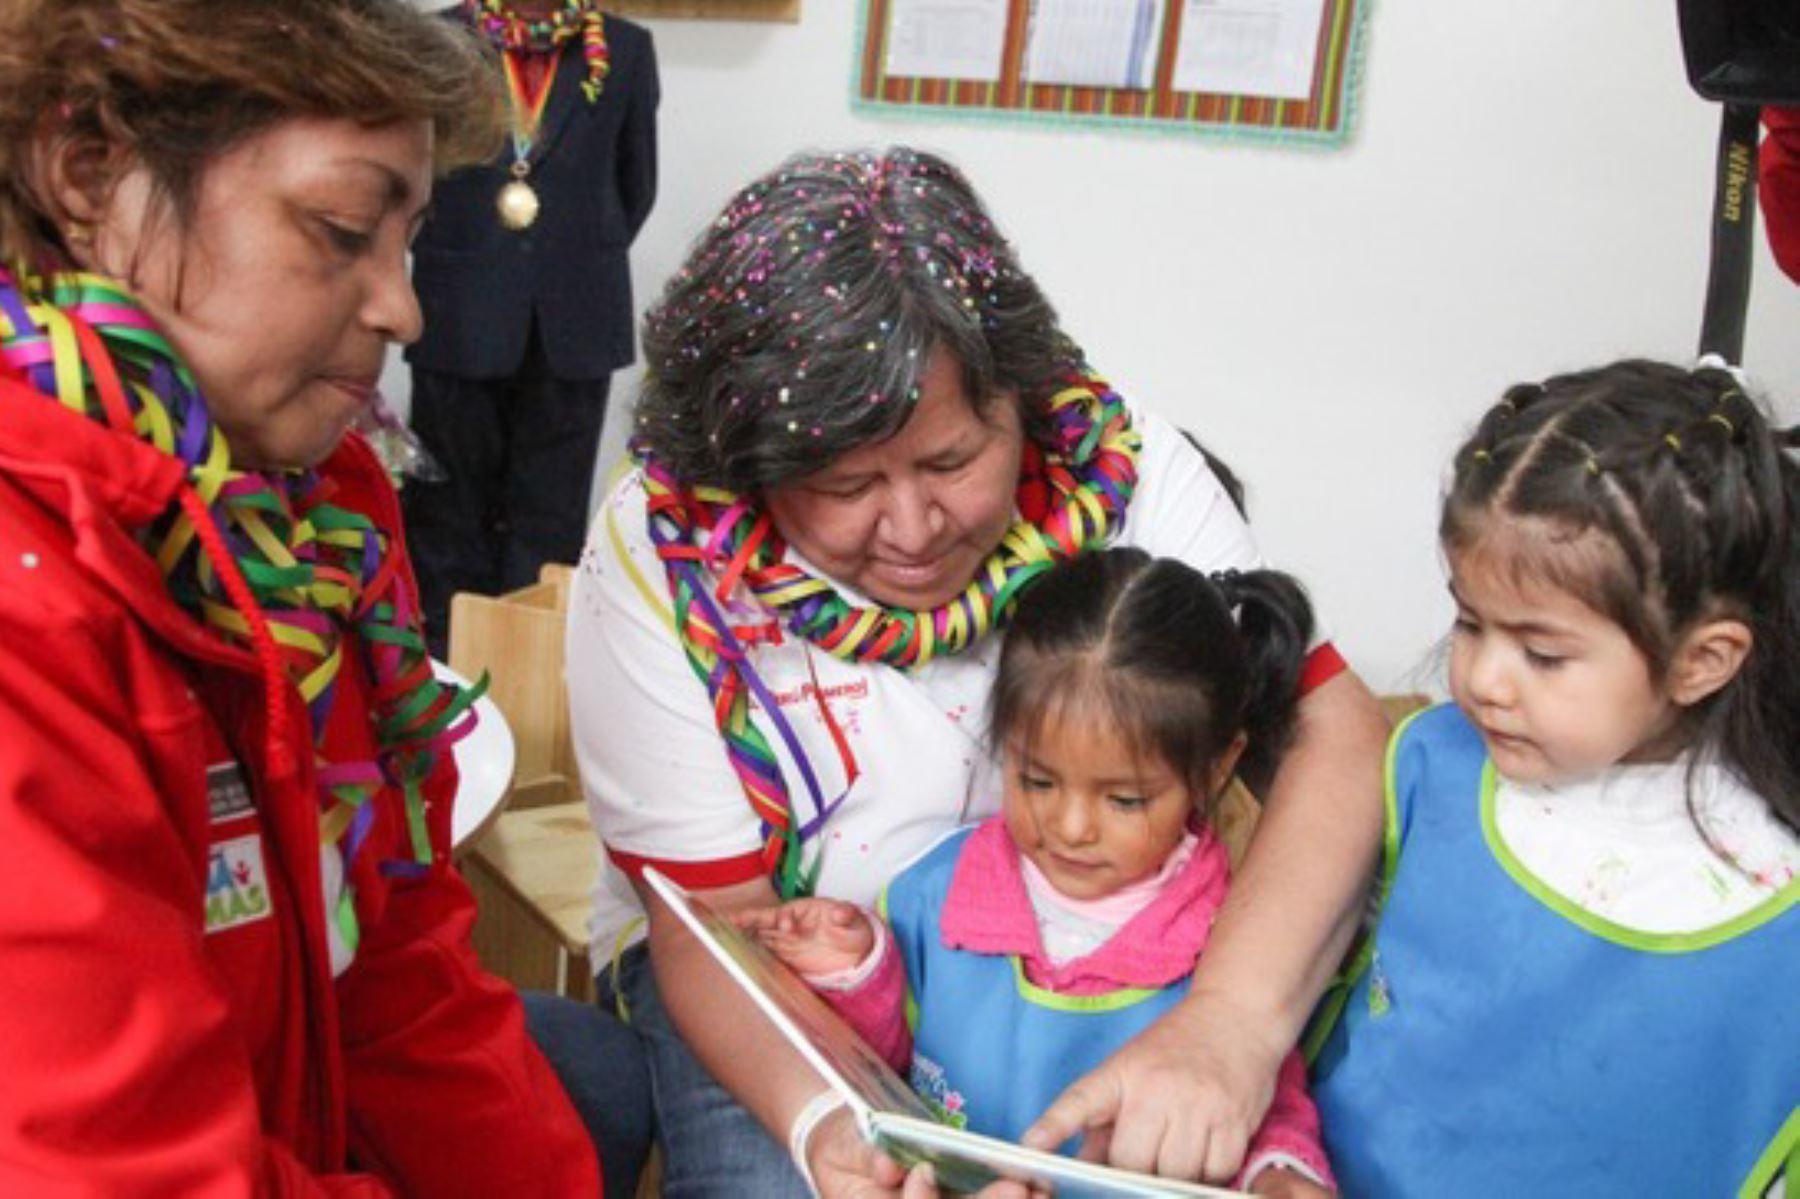 La ministra de Desarrollo e Inclusión Social, Ariela Luna, reiteró que el Ejecutivo tiene a la primera infancia como una de sus prioridades. Así lo expresó durante su visita a la ciudad del Cusco, donde supervisó la puesta en funcionamiento de dos nuevos Centros Infantiles de Atención Integral, del Programa Nacional Cuna Más, en el distrito de San Sebastián.